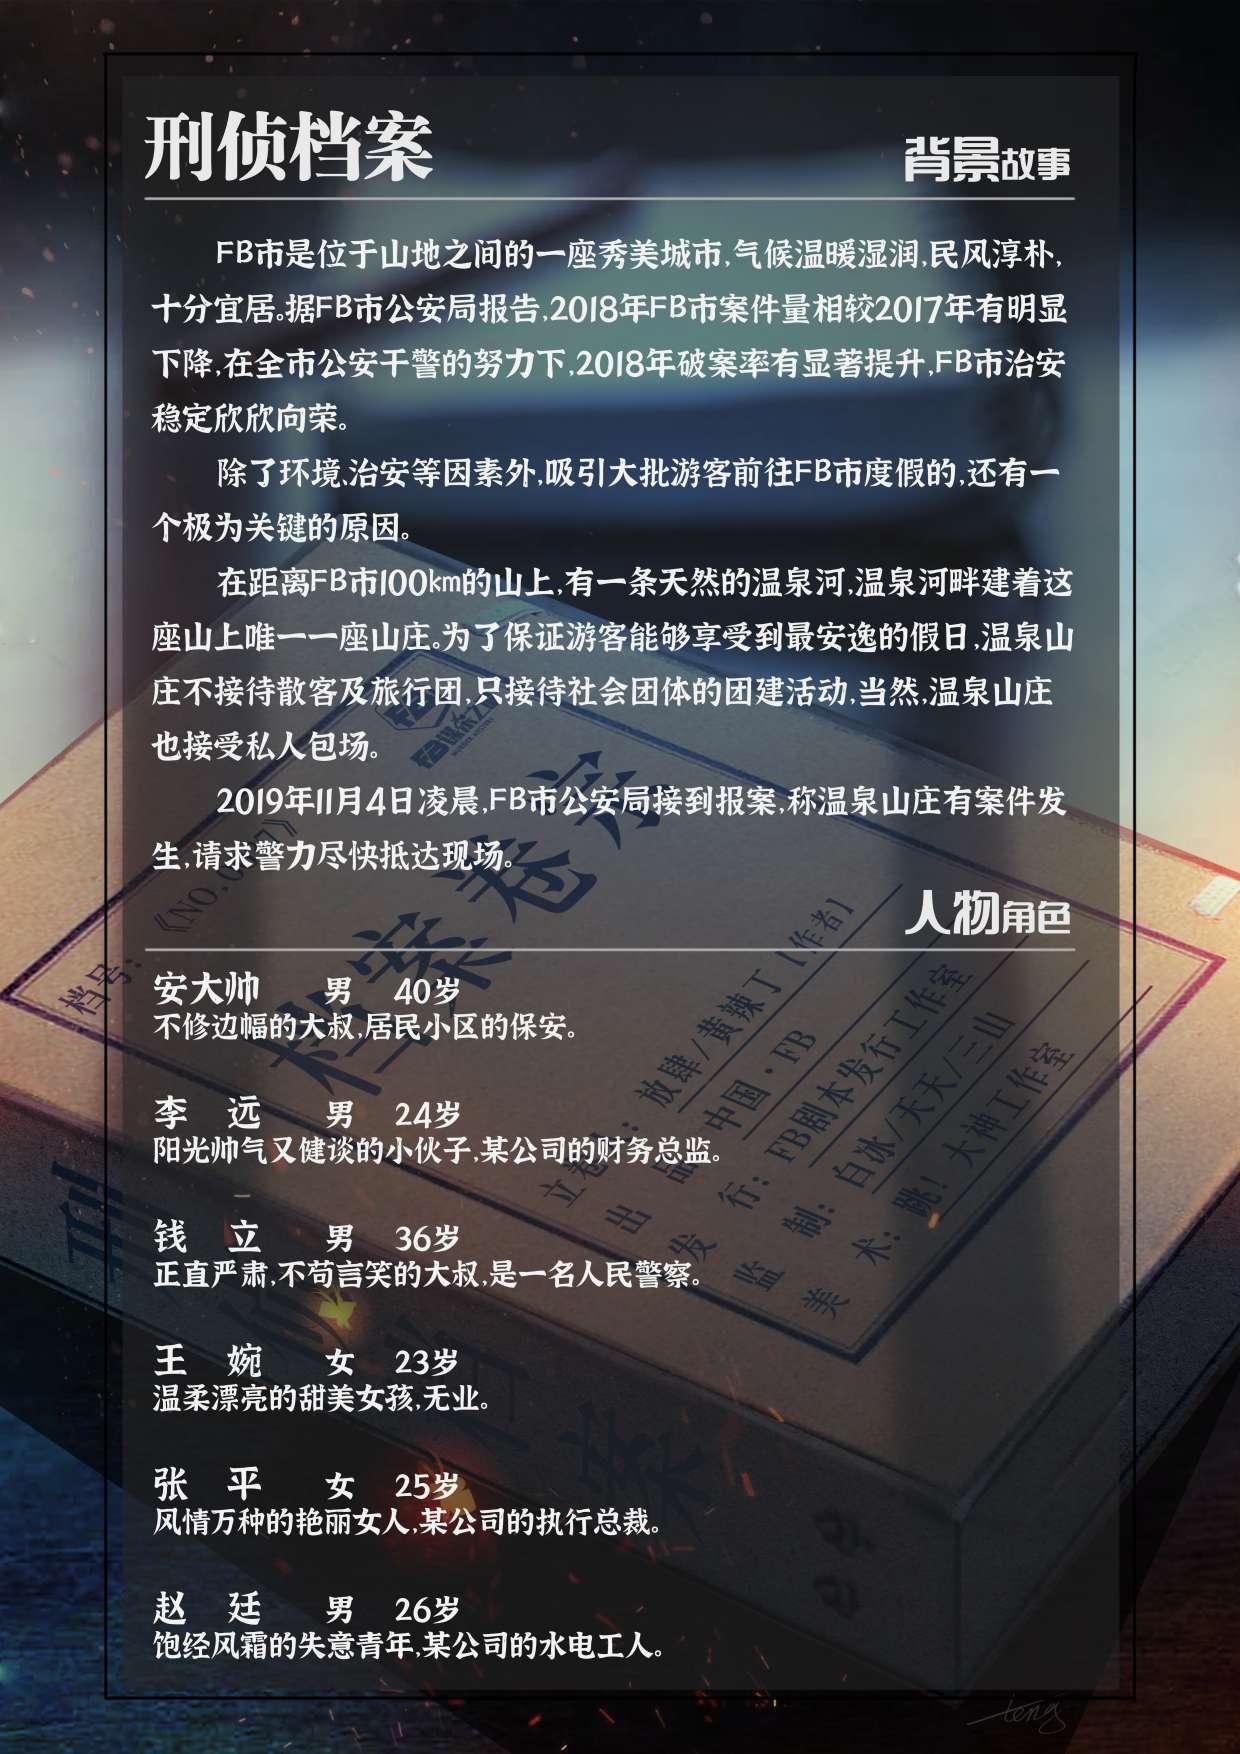 『刑侦档案0037』剧本杀解析_真相_复盘_凶手是谁